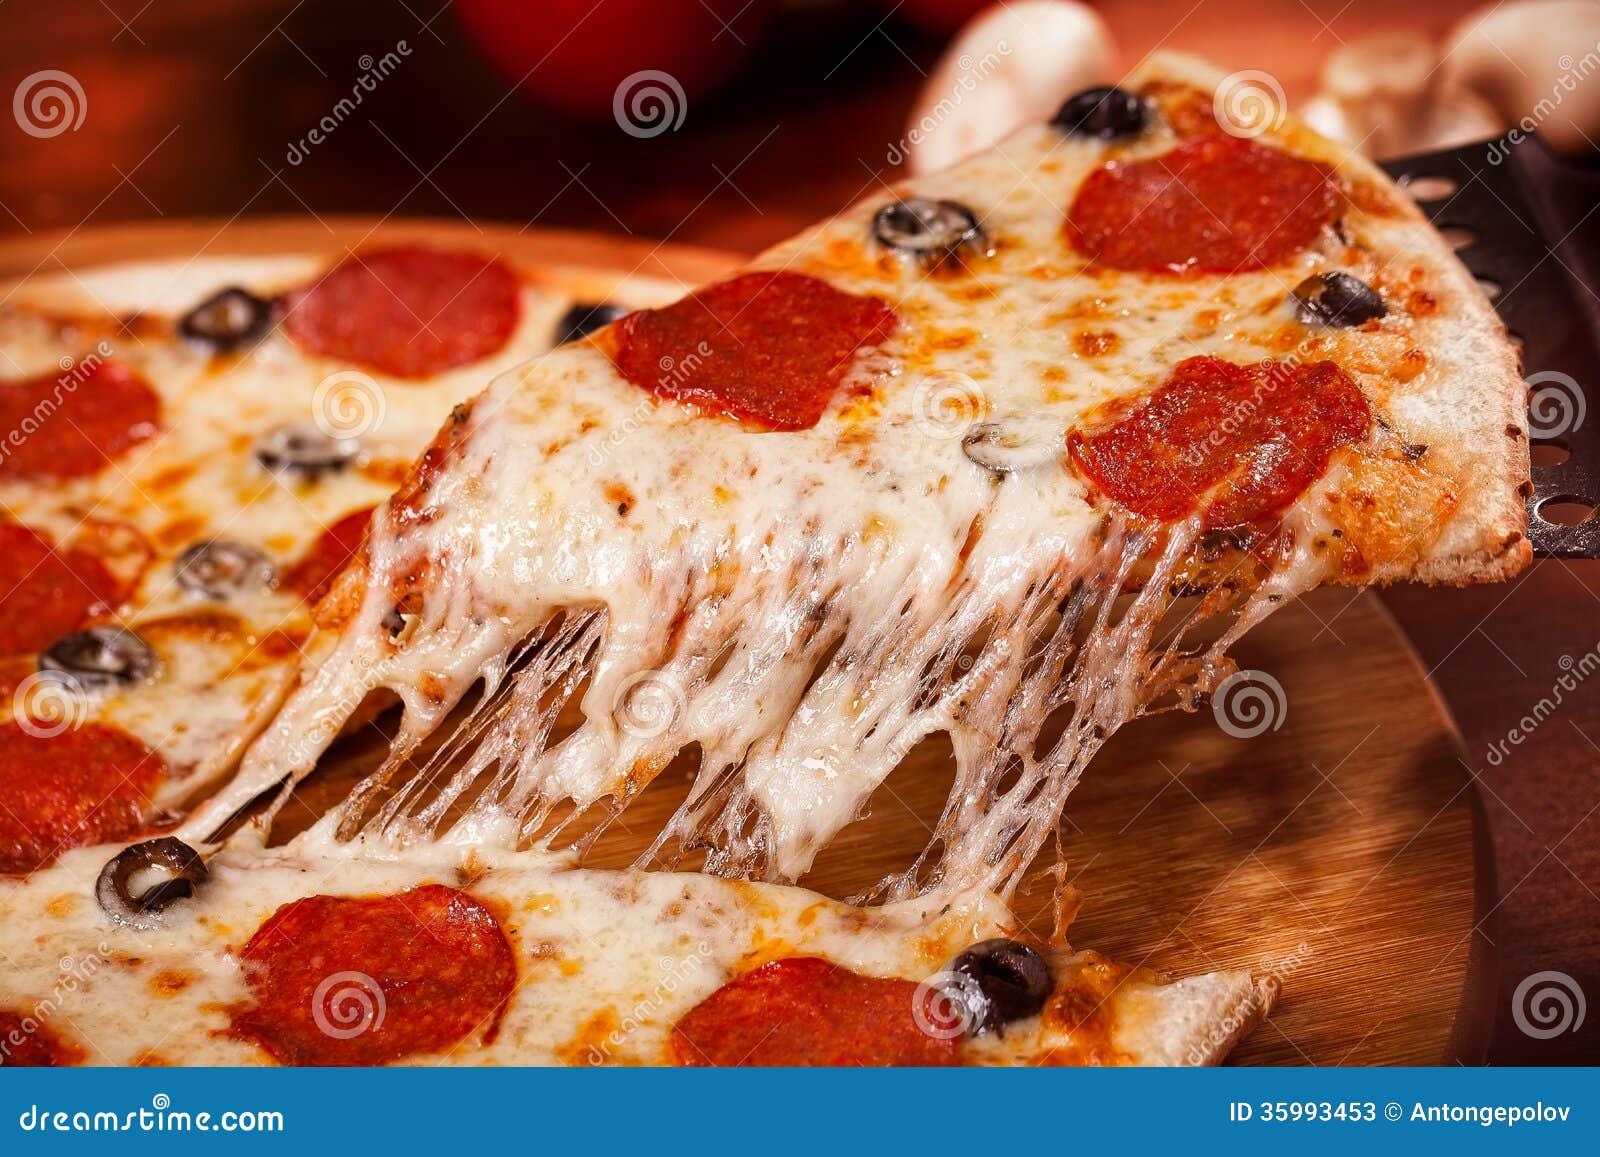 Heiße Pizza